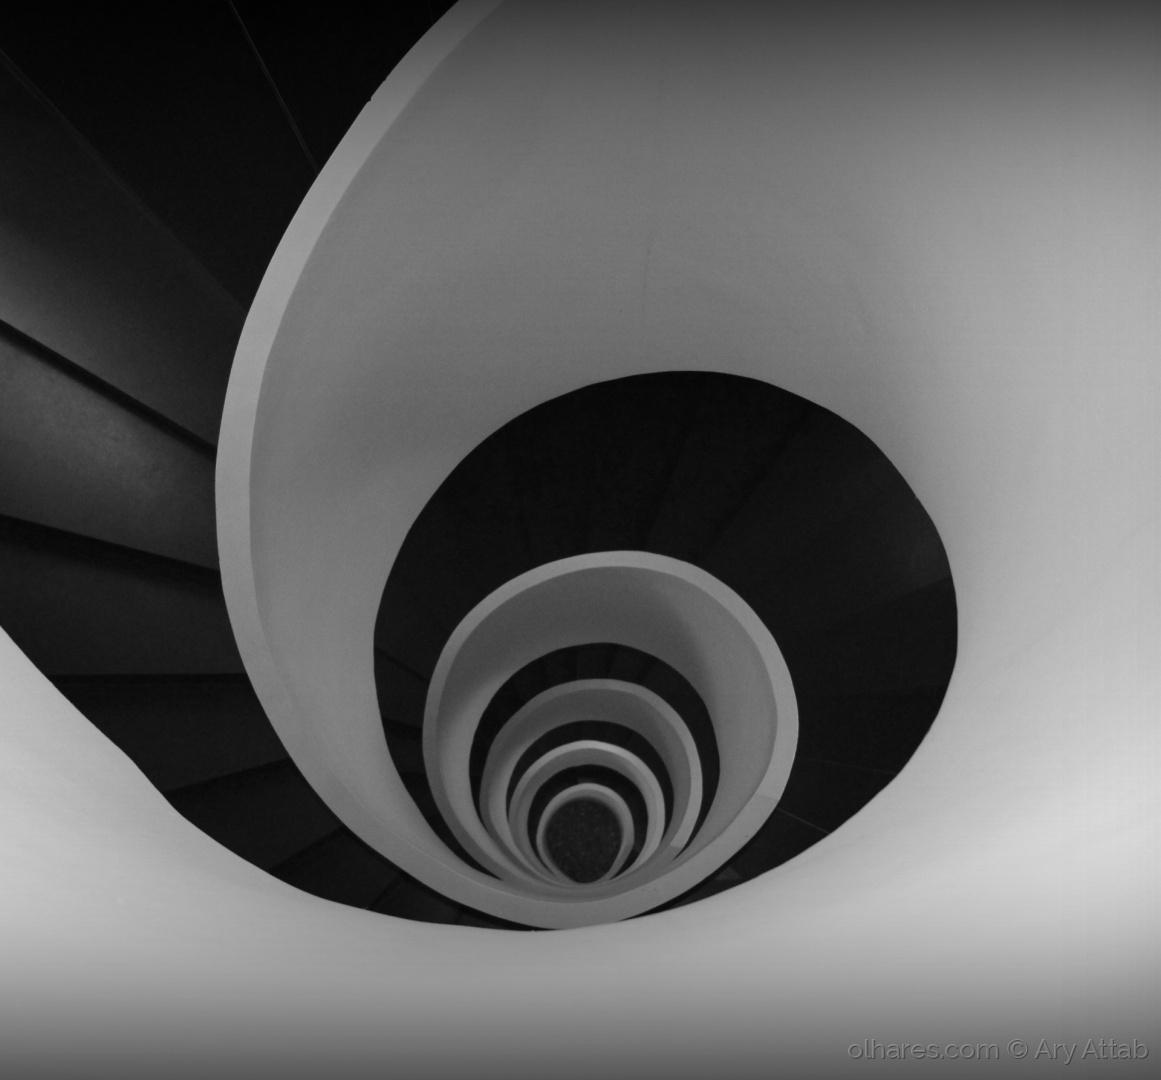 Arquitetura/Infinito (?).